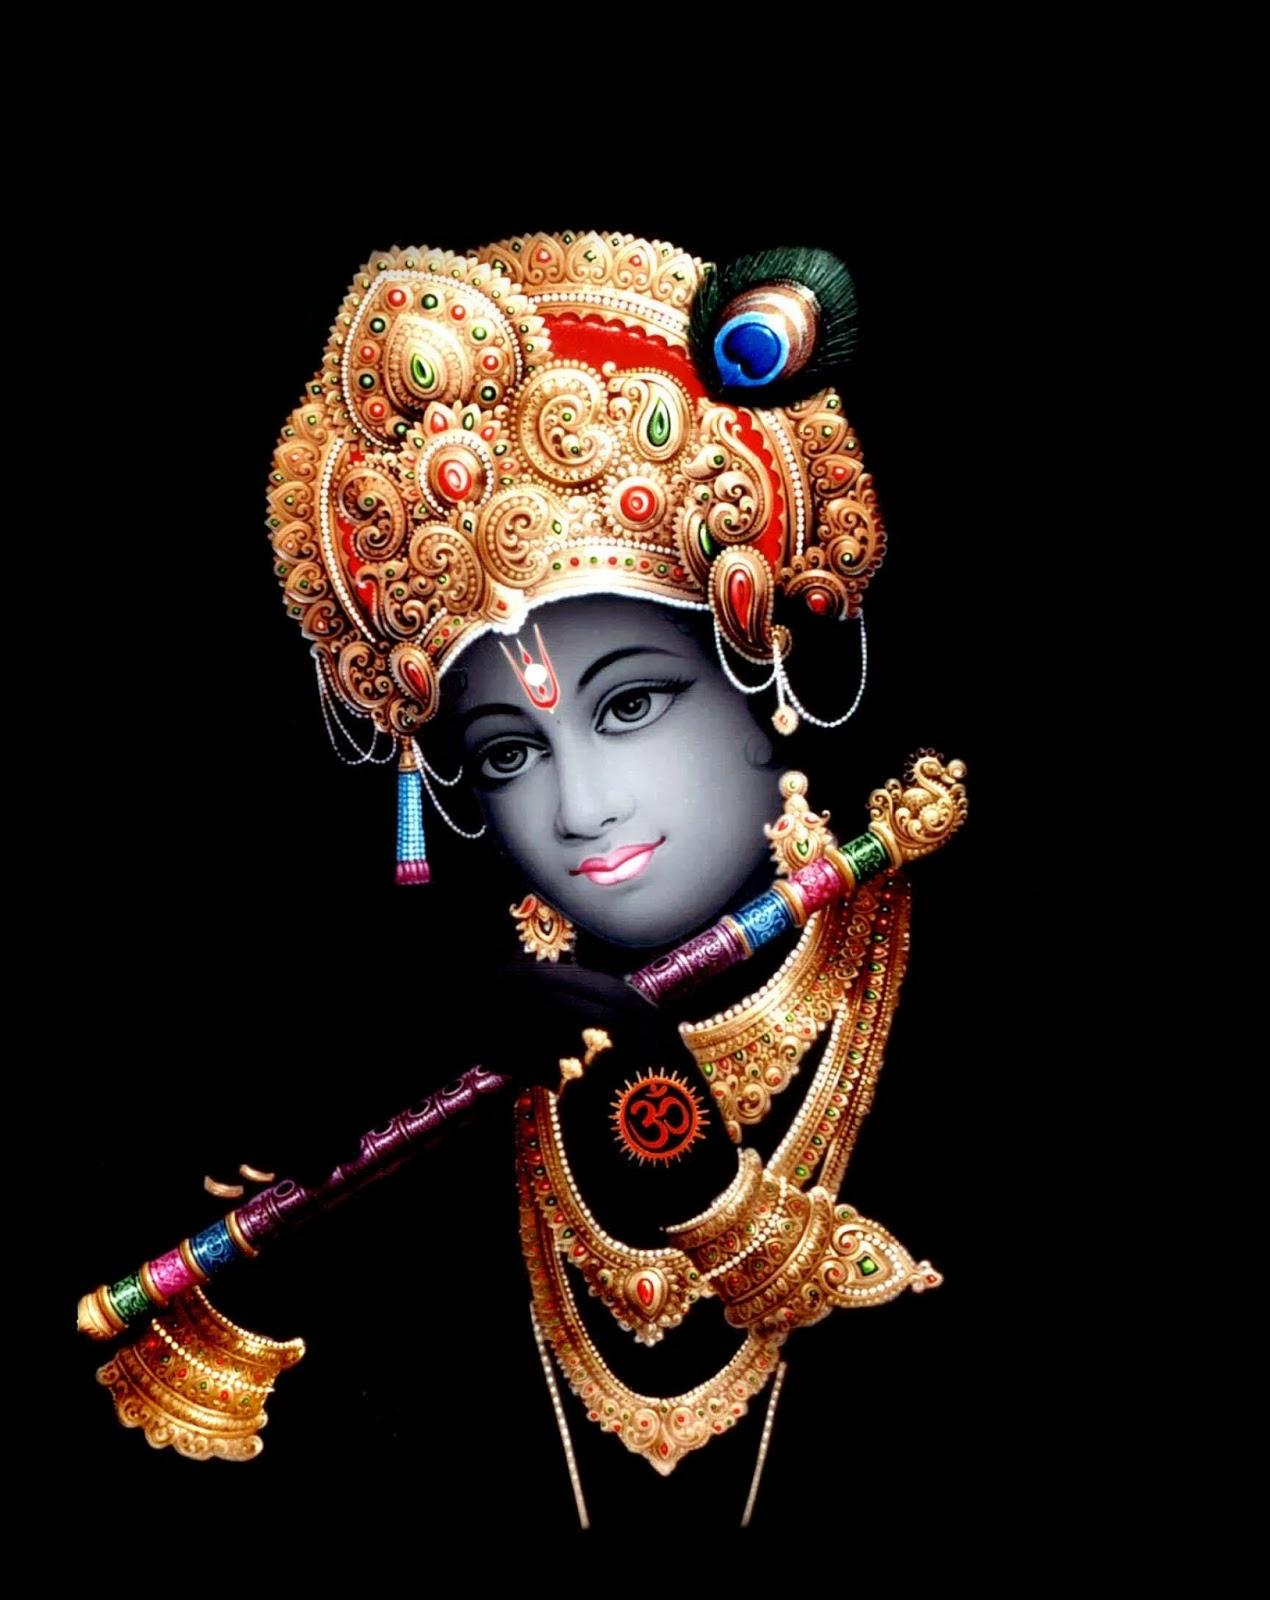 Hd wallpaper krishna download - Hindu God Krishna Hd Wallpaper